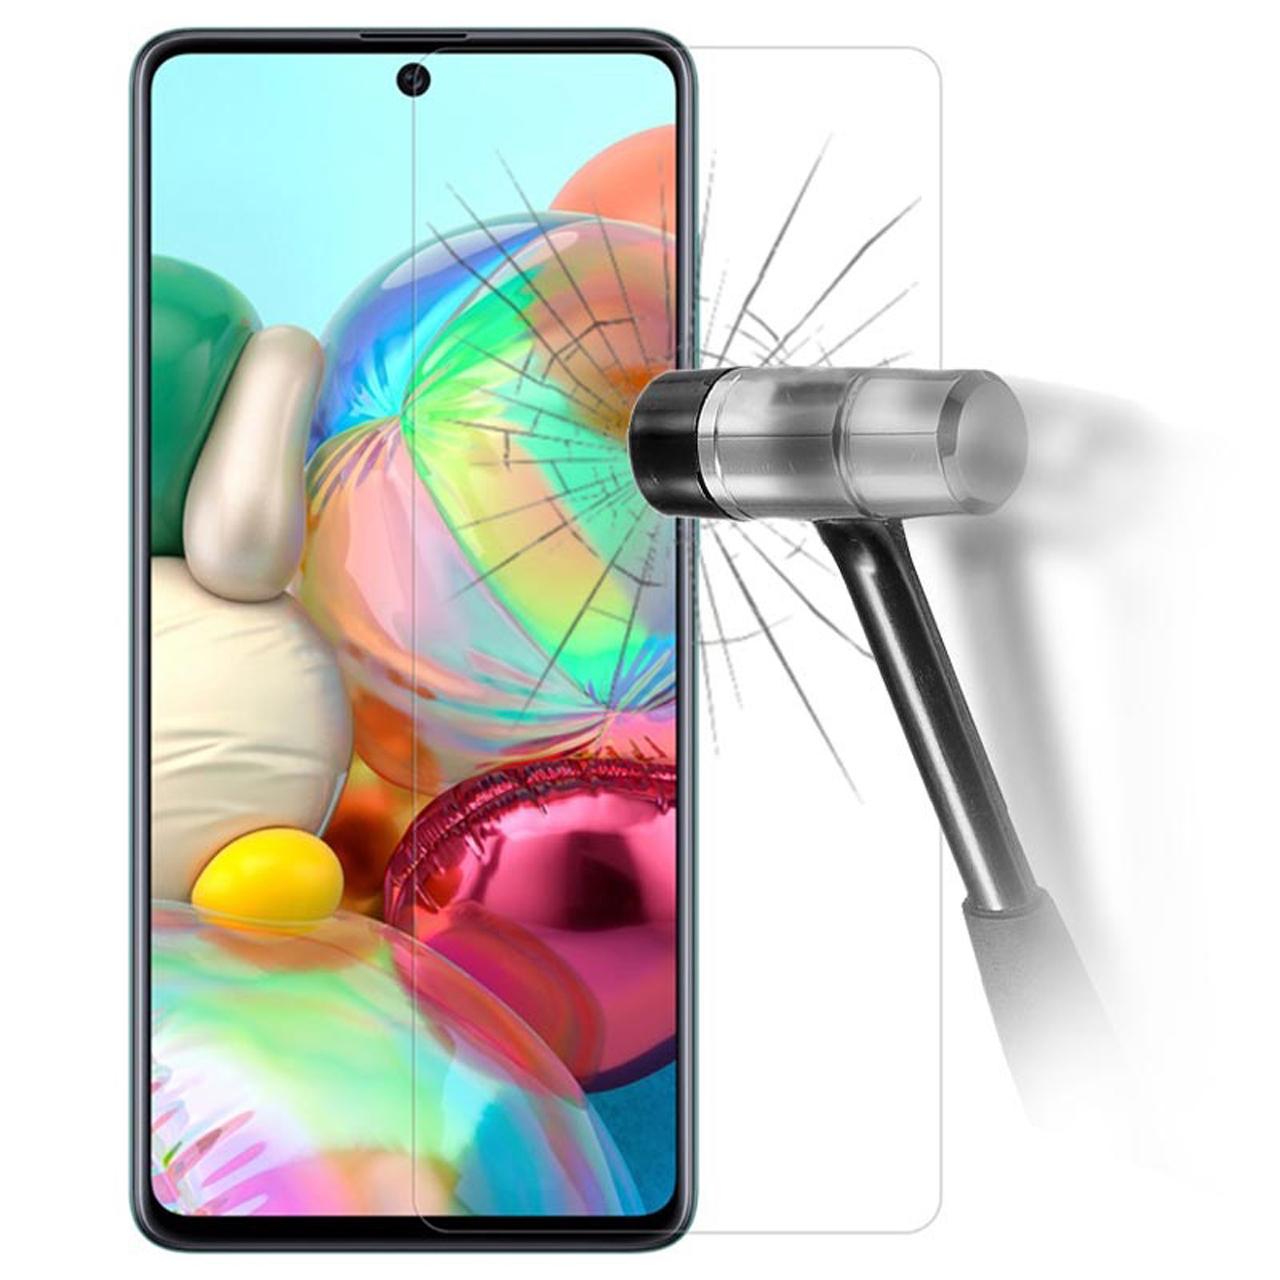 محافظ صفحه نمایش سیحان مدل CLT مناسب برای گوشی موبایل سامسونگ Galaxy A71              ( قیمت و خرید)